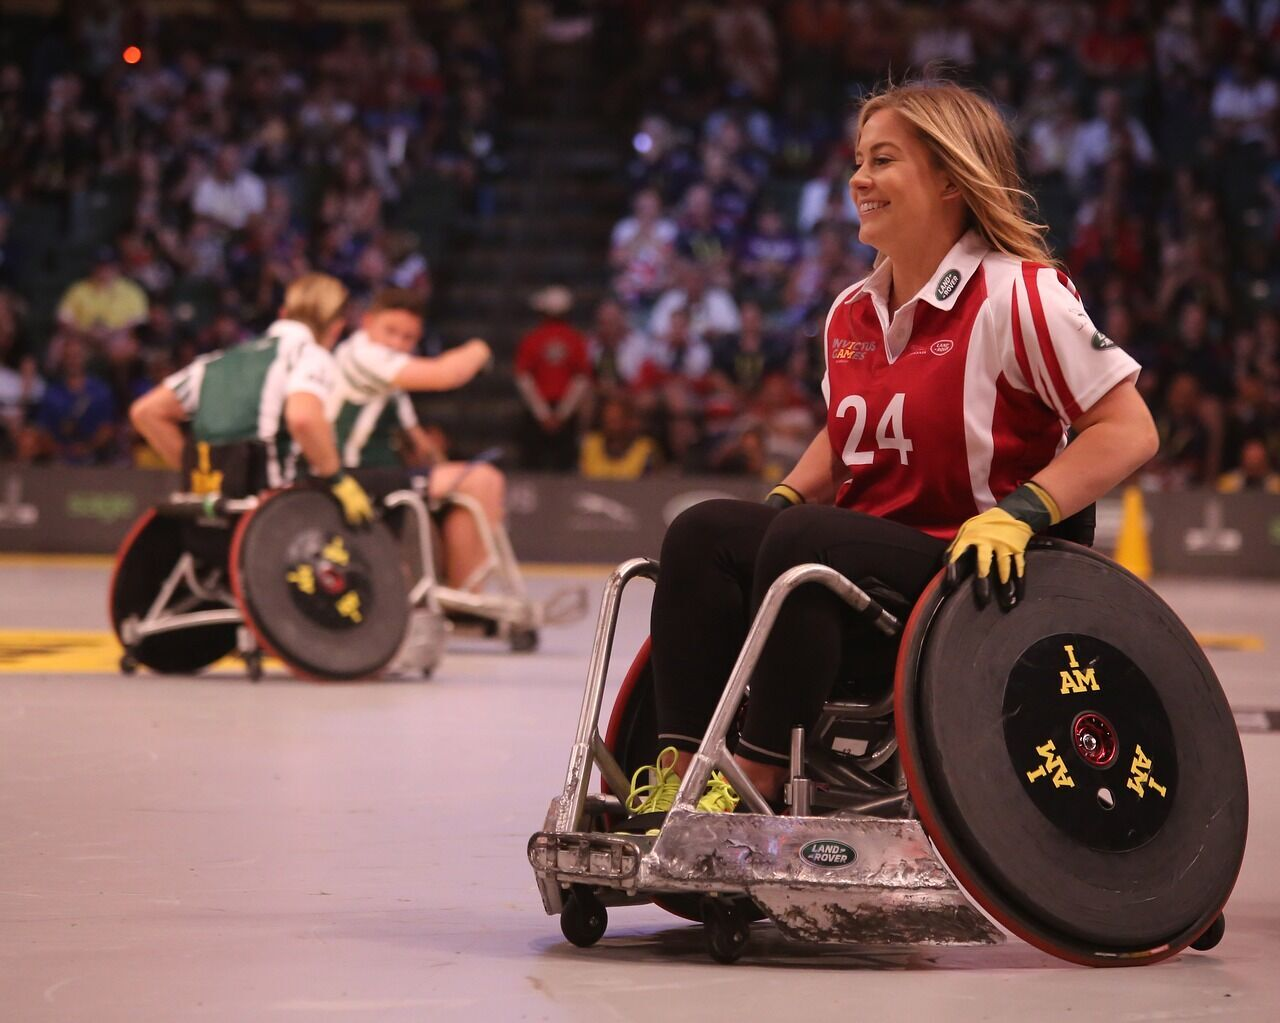 Международный день инвалидов был учрежден в 1992 году